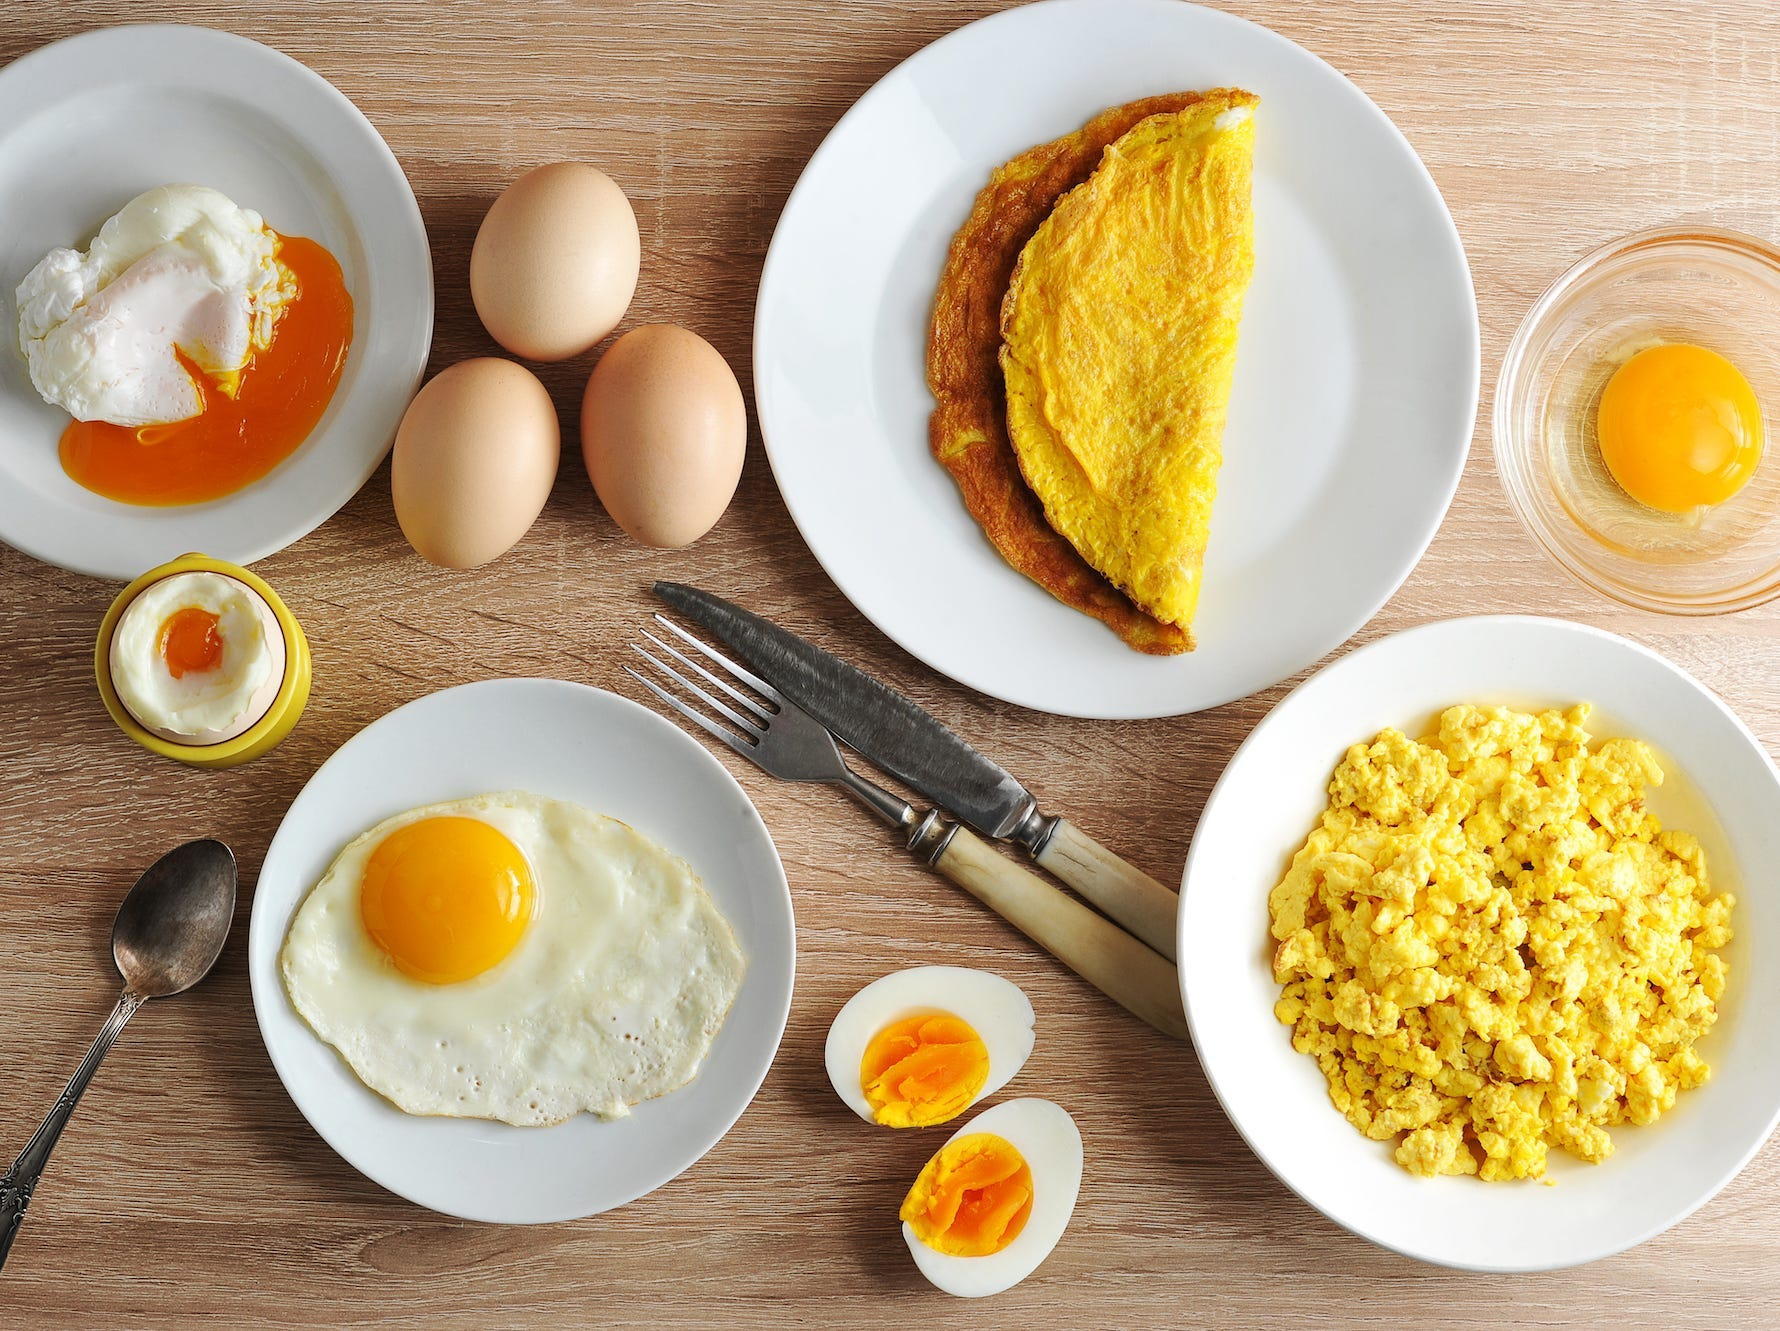 賞味 週間 卵 期限 1